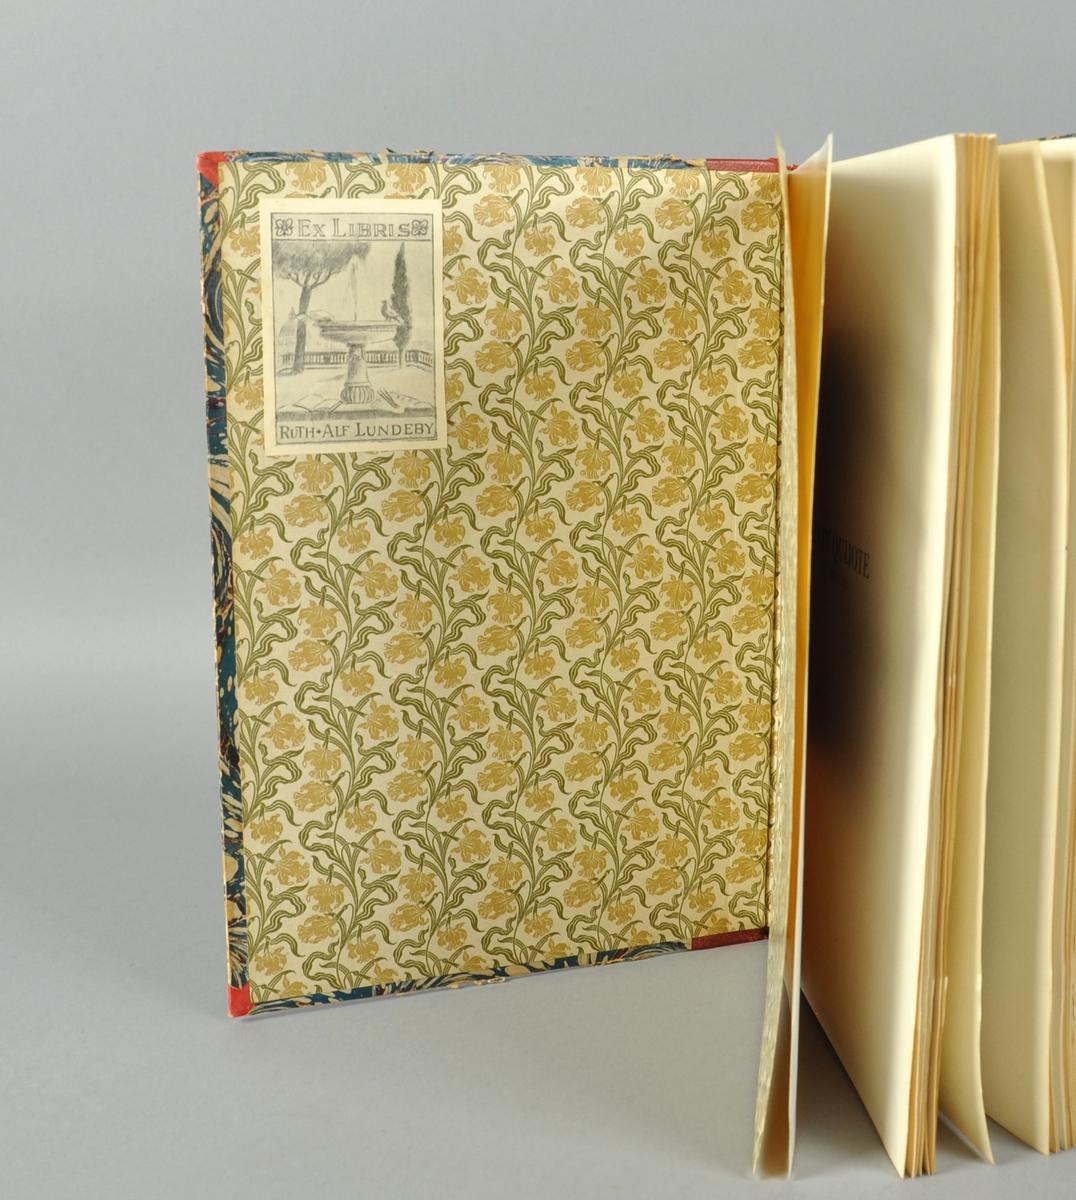 Bok i stort format med skinnrygg. Illustrert av Marstrand, Goya og Daumier.